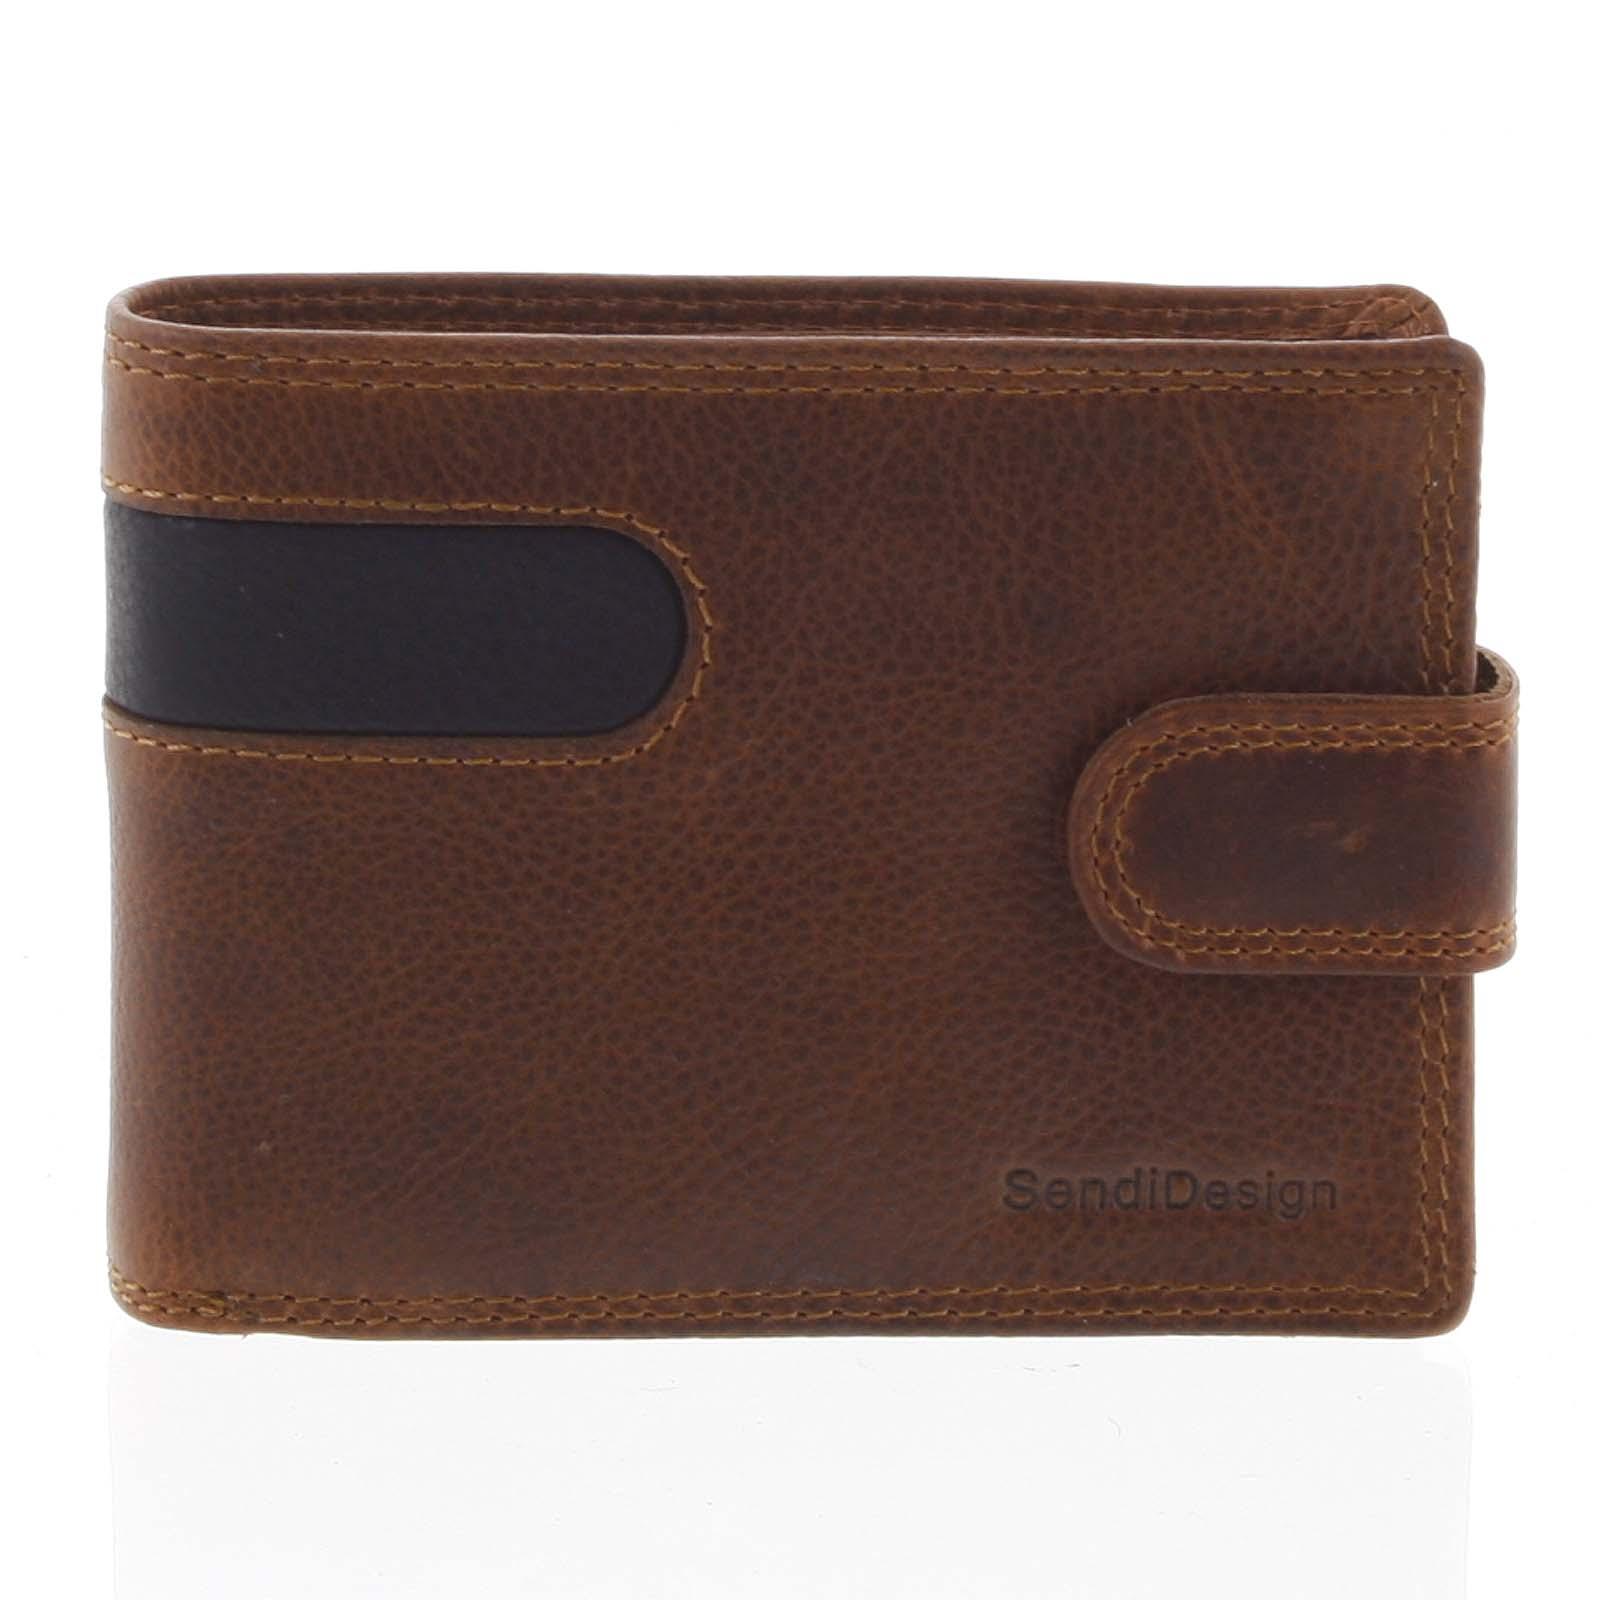 Oblíbená pánská kožená peněženka hnědá - SendiDesign Igeal